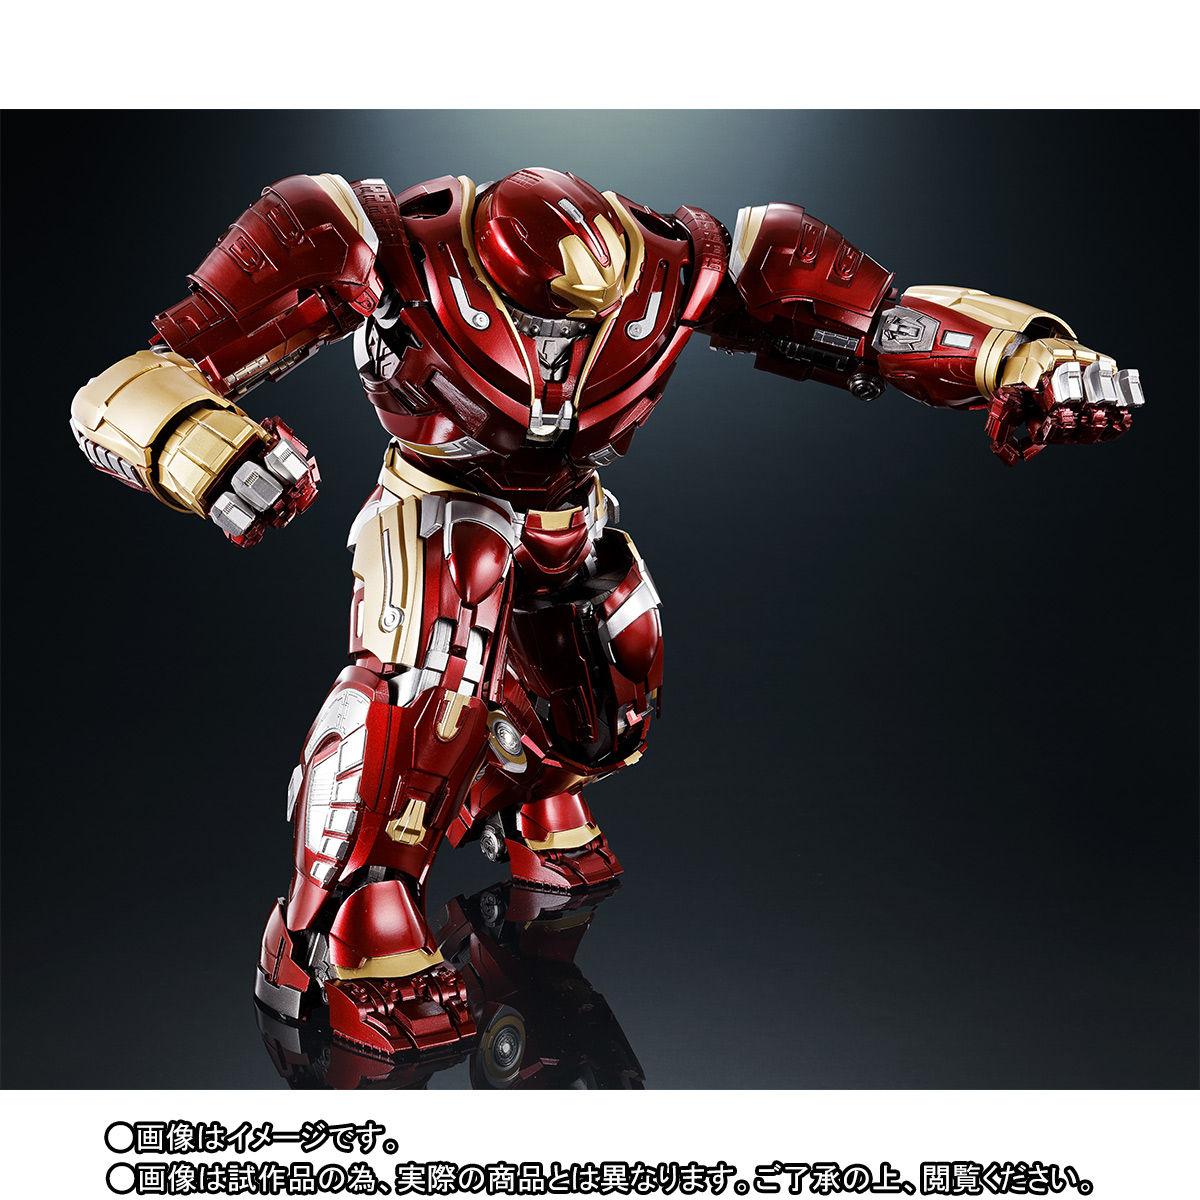 超合金×S.H.Figuarts『ハルクバスター マーク2|アベンジャーズ/インフィニティ・ウォー』可動フィギュア-003